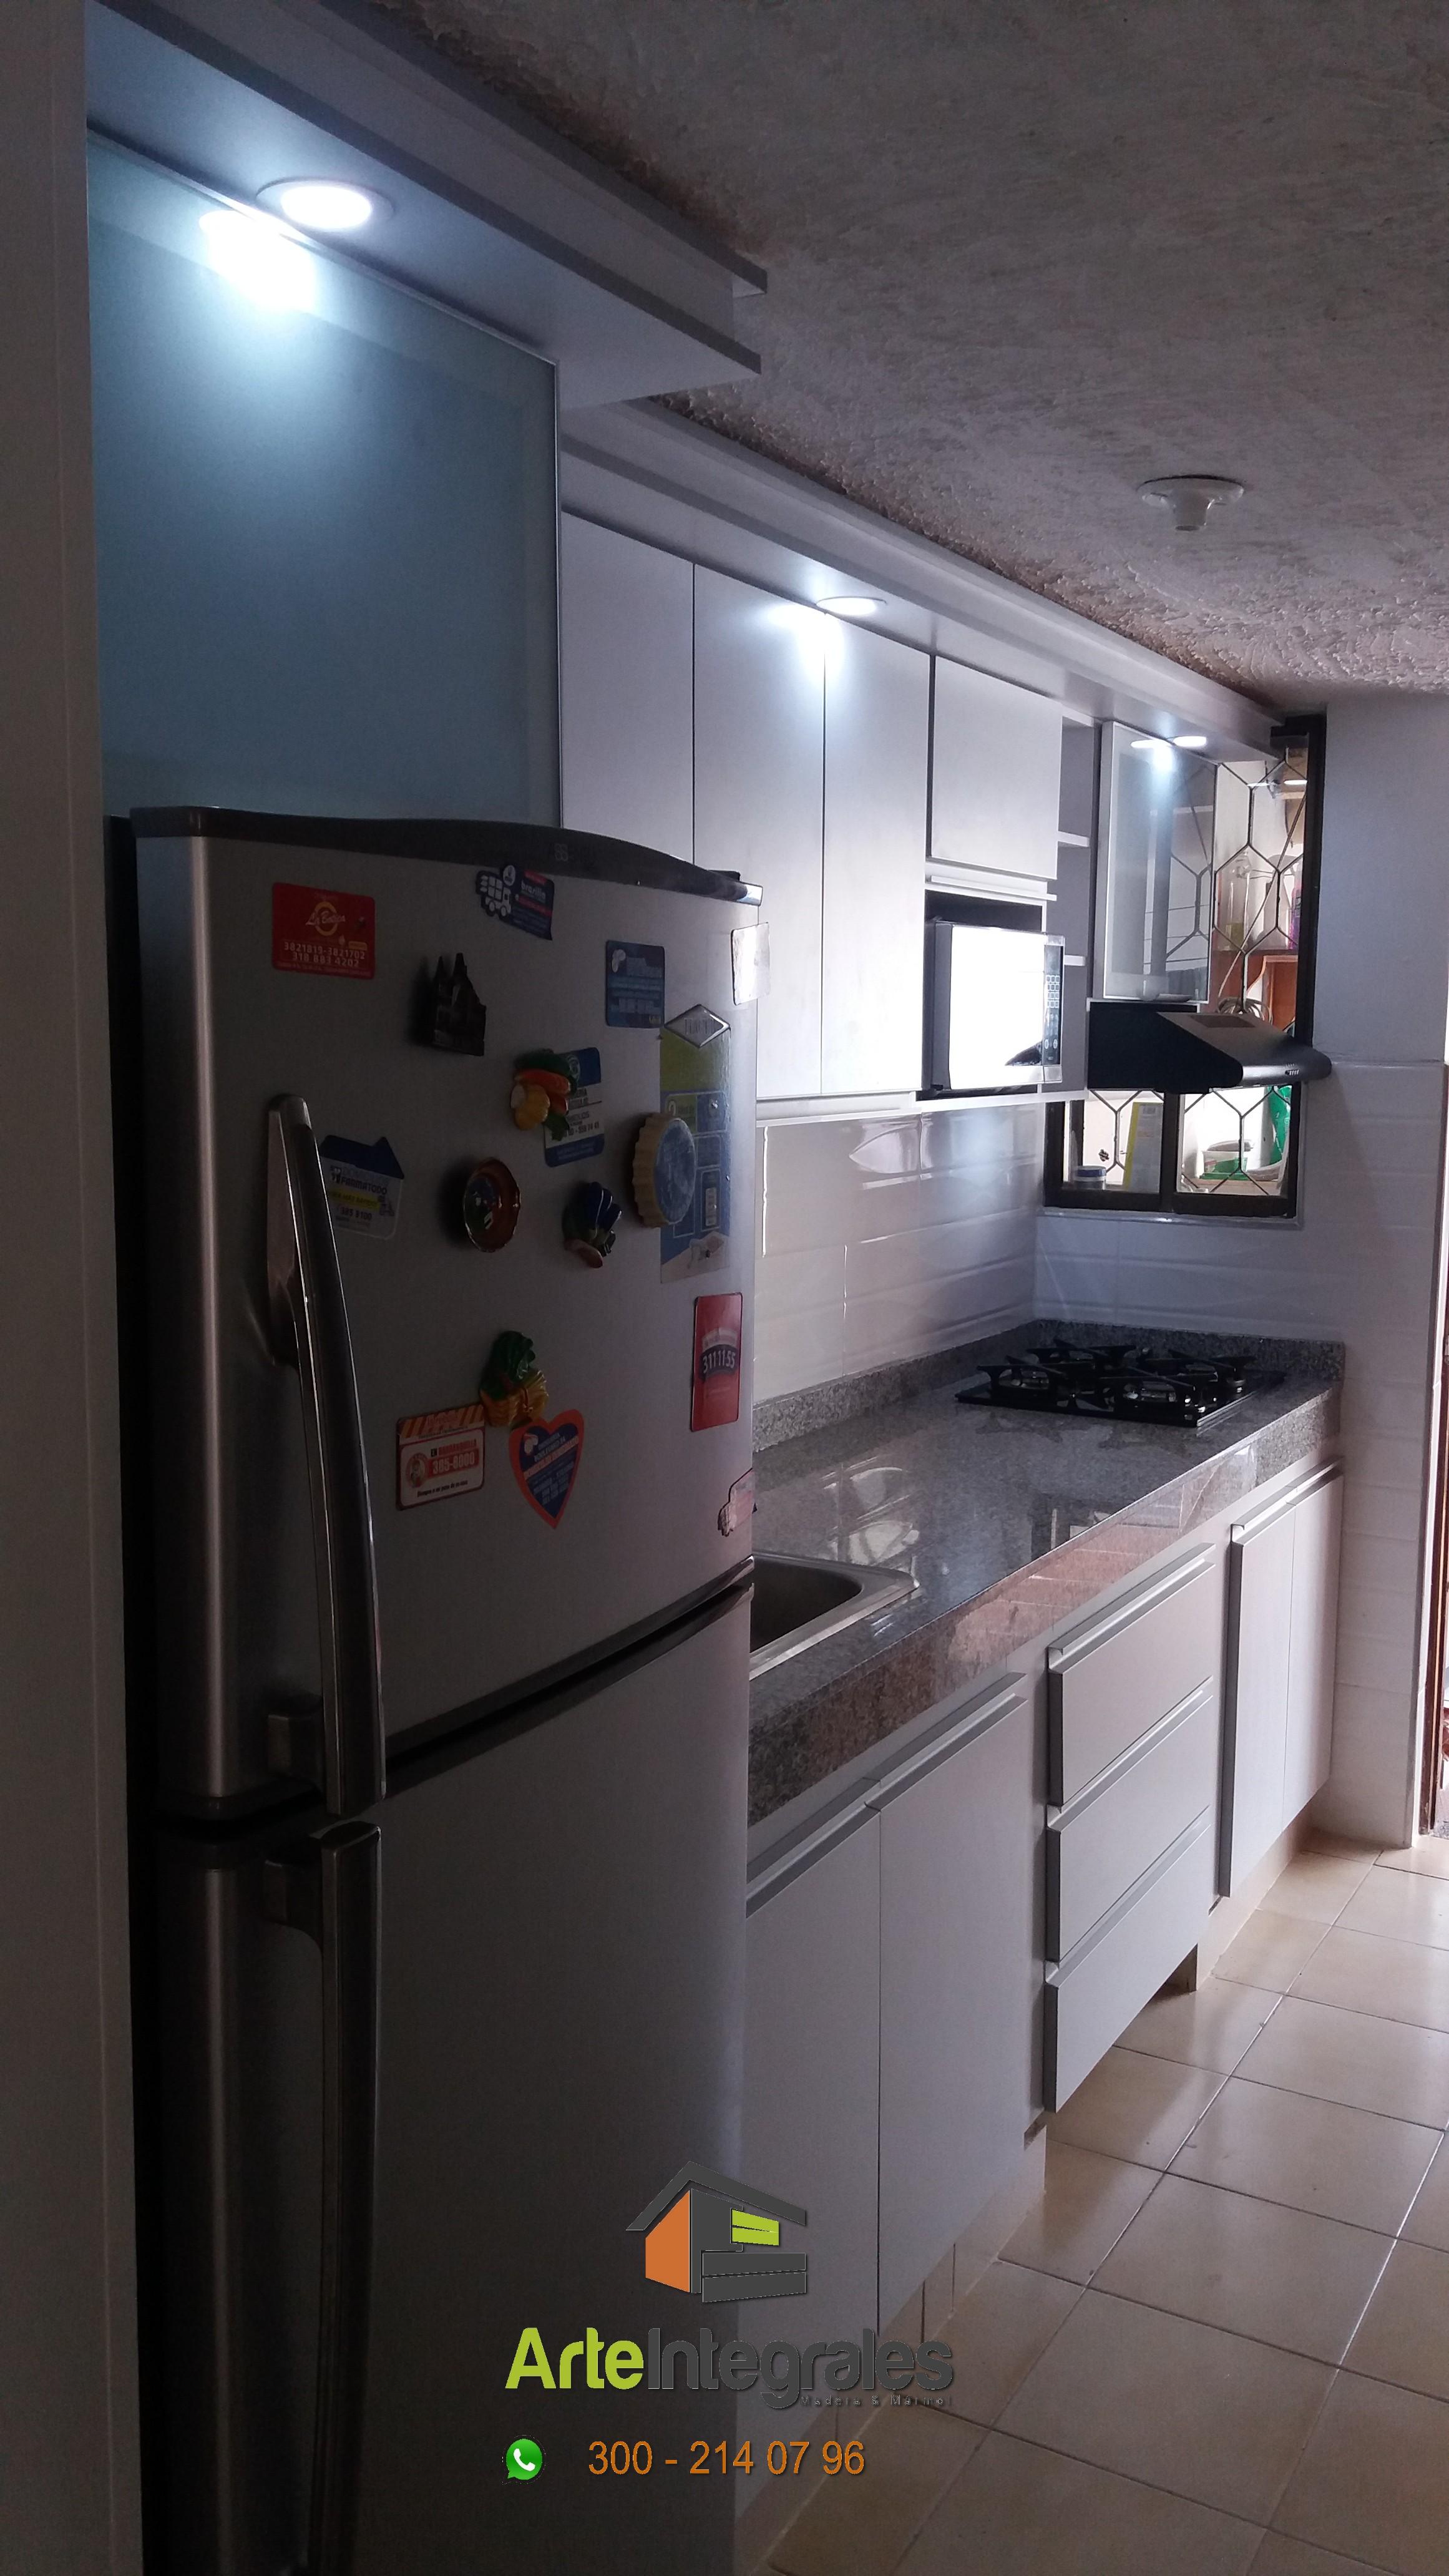 cocina integral augusto garcia (3)